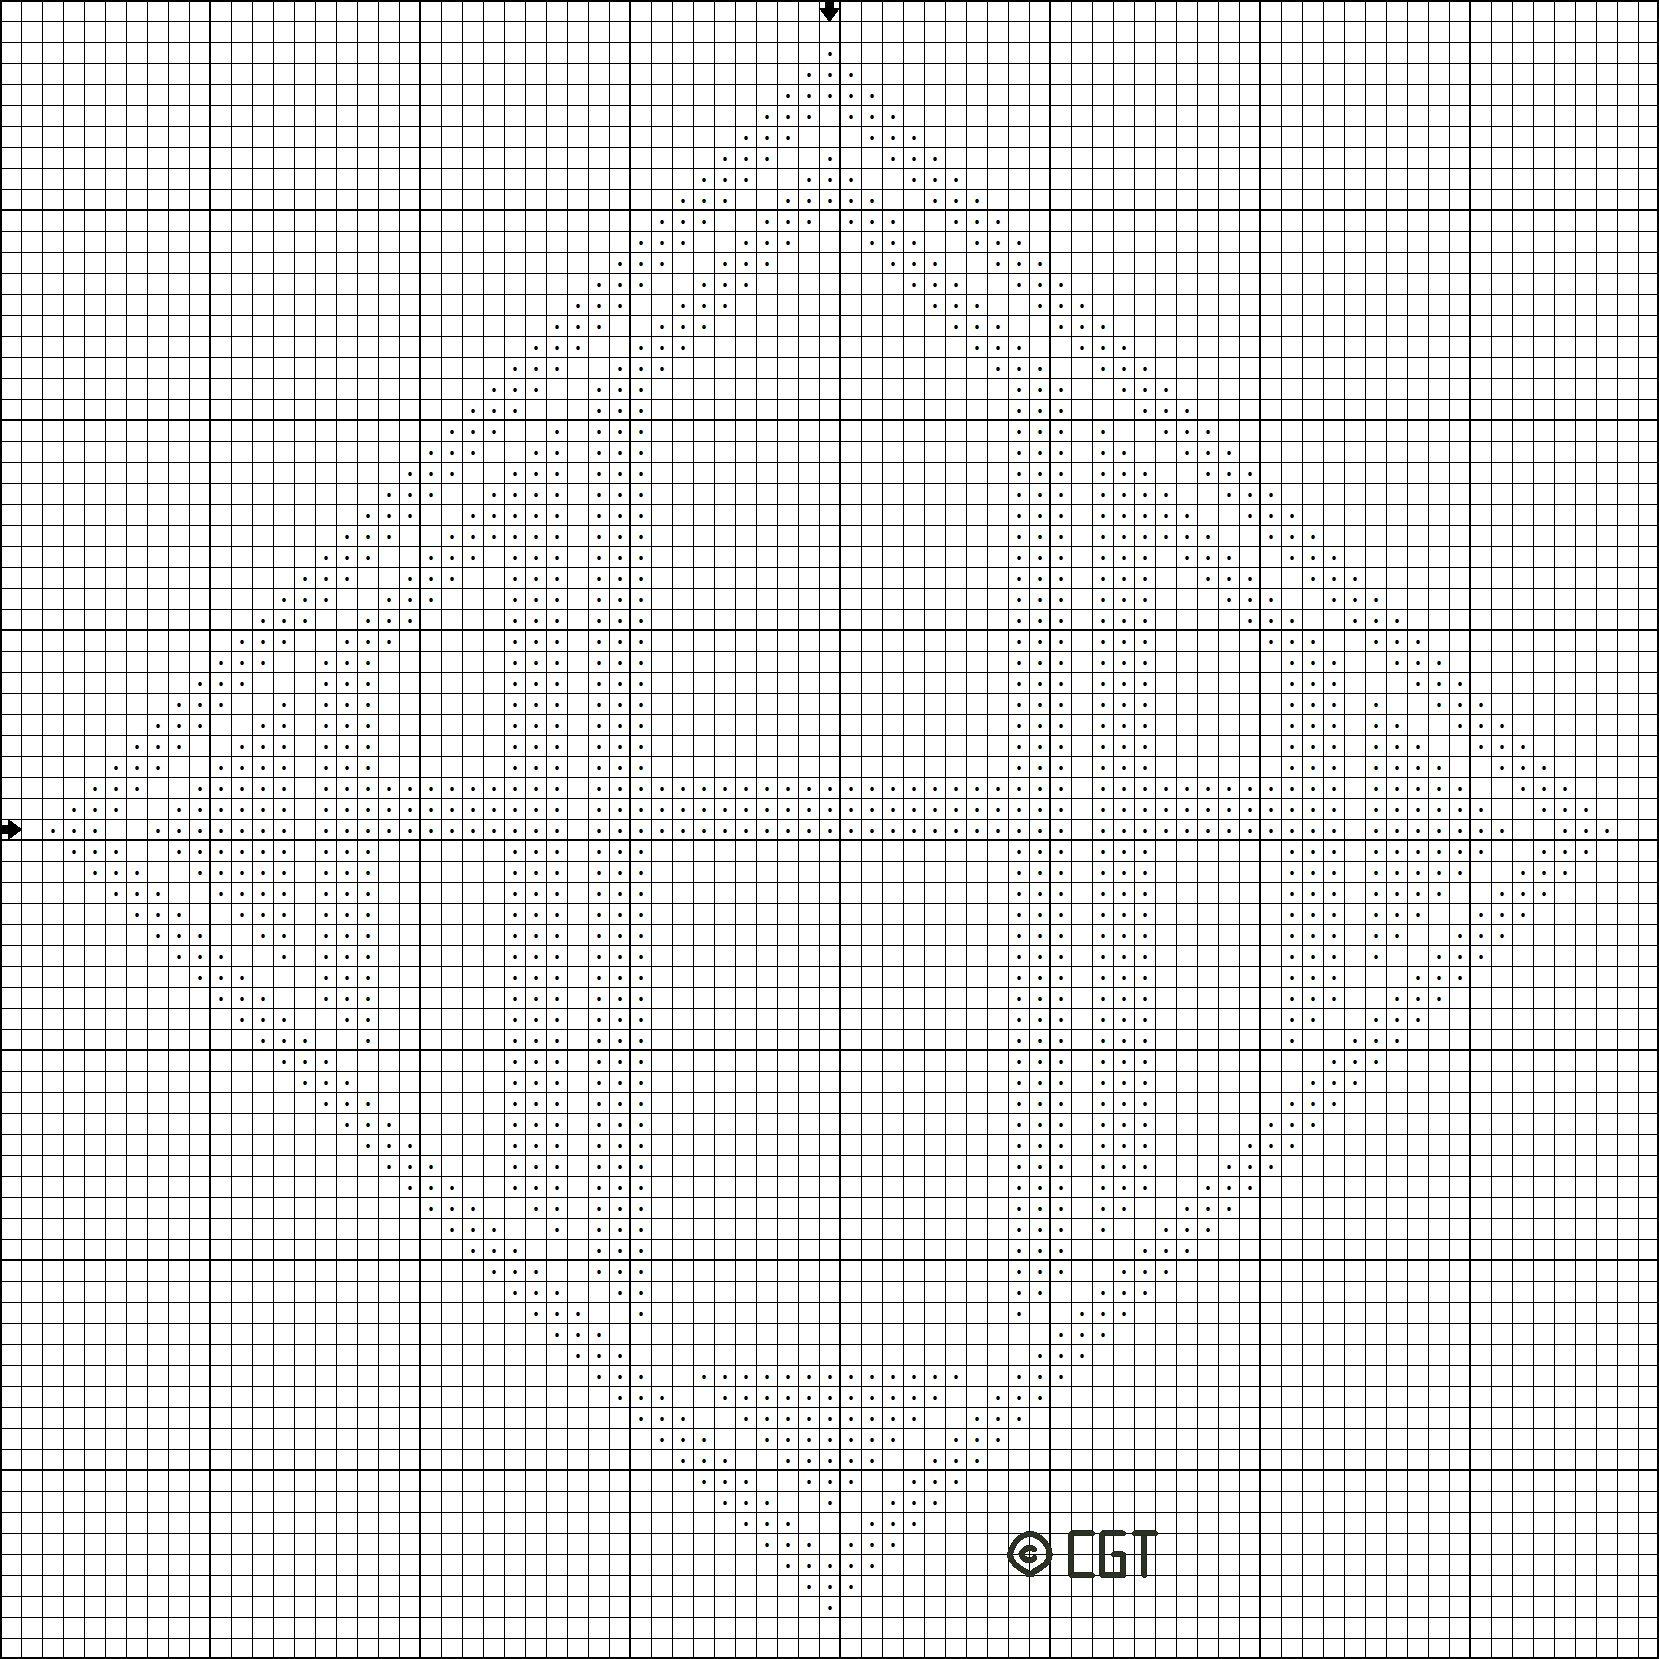 monogram patterns free